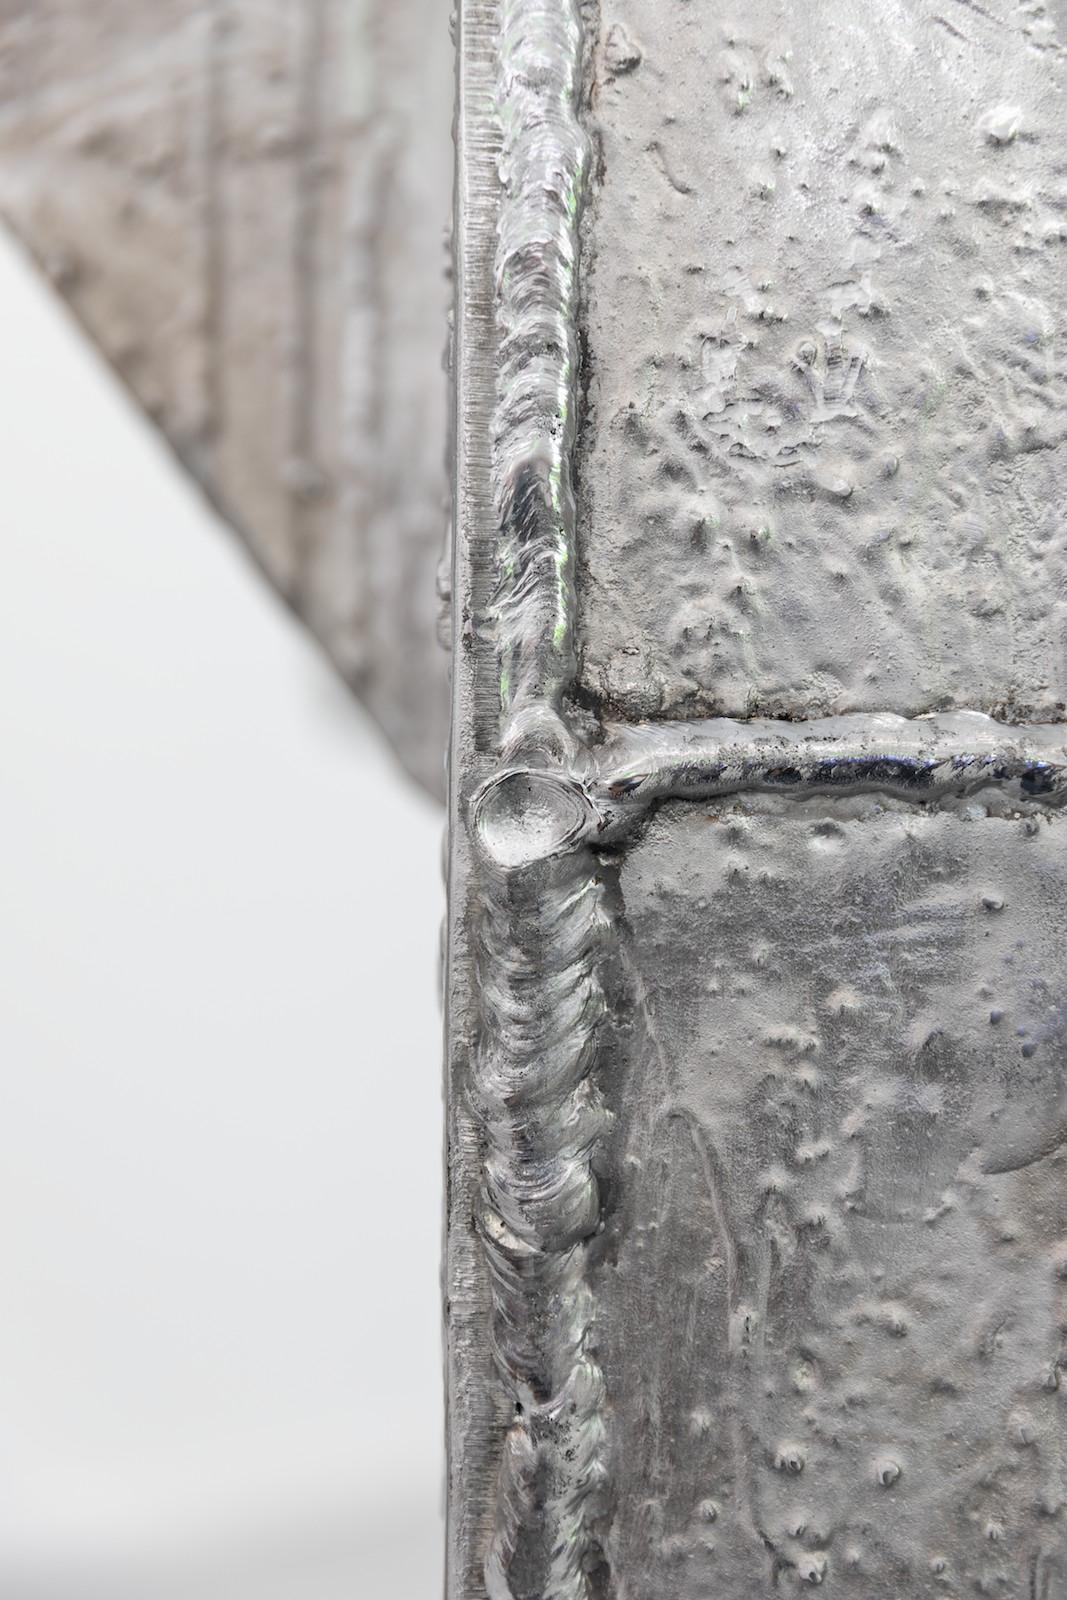 Tripod Amplifier, 2018, Cast recycled aluminum, 262 x 131 x 158 cm, Unique, detail